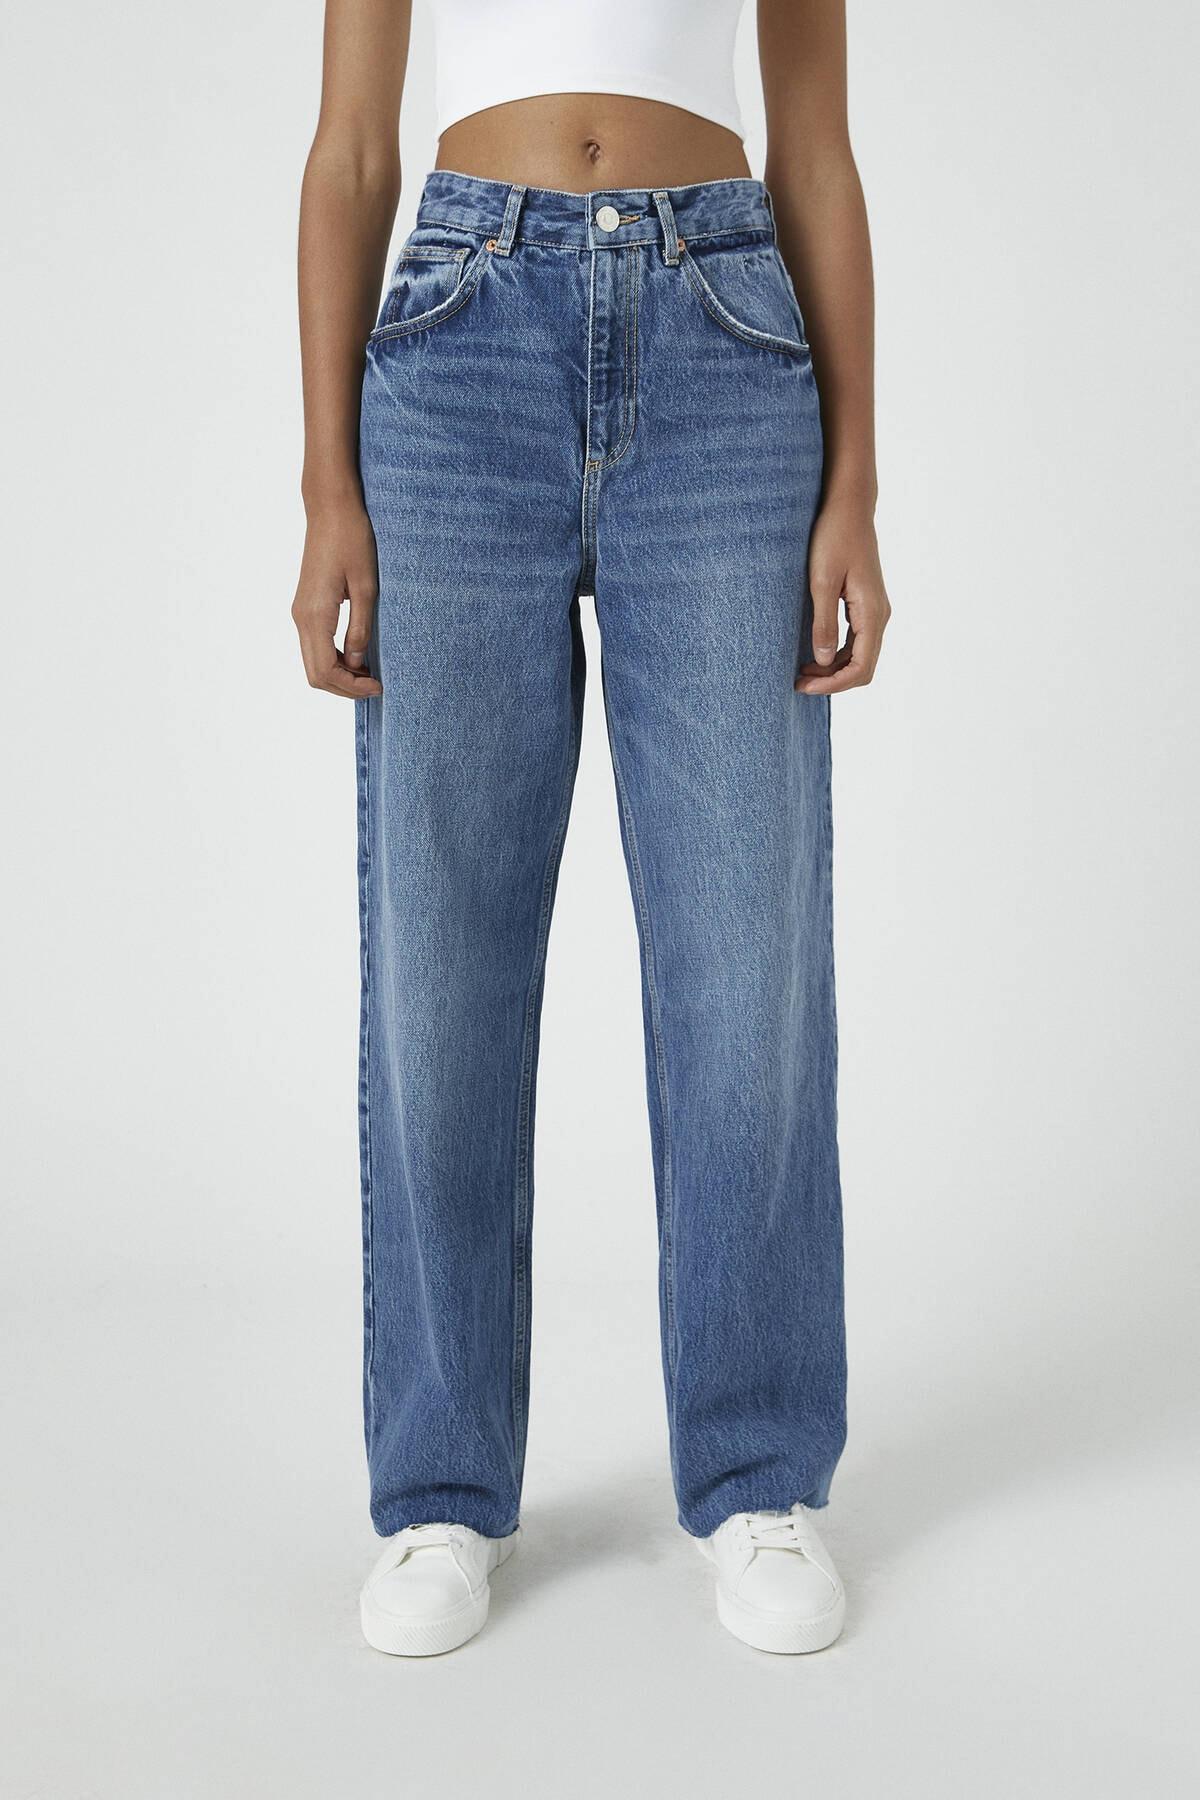 Pull & Bear Kadın Mavi Süper Yüksek Bel Geniş Paça Jean 09683325 3